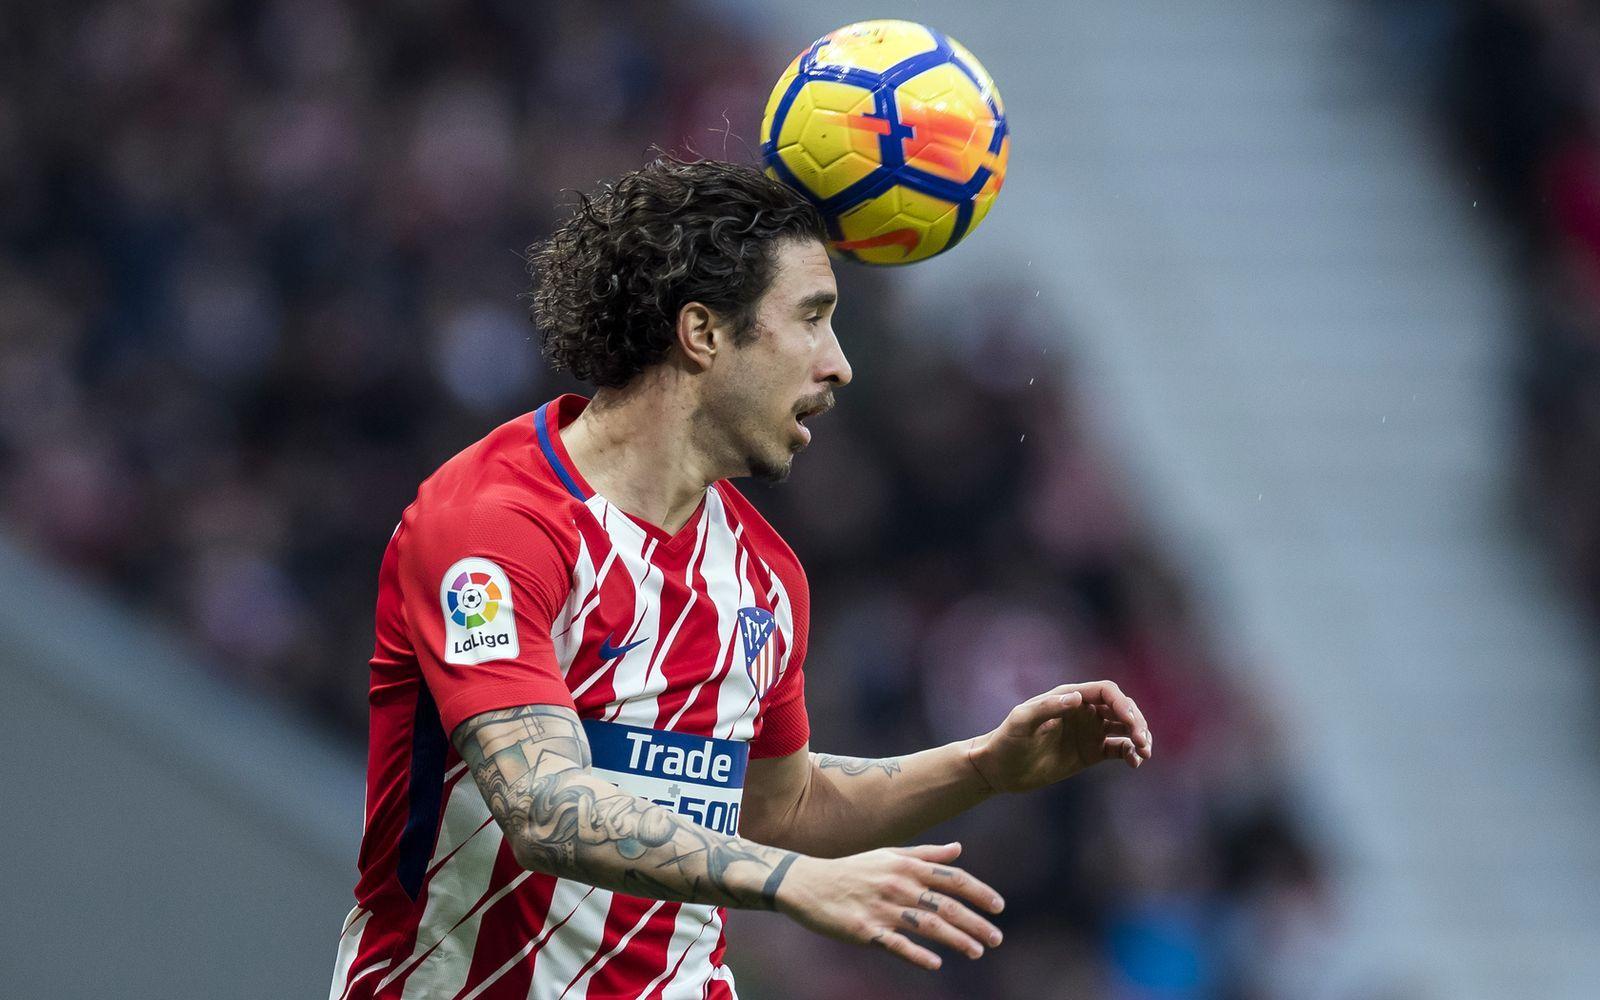 Гарай уже не сыграет за Валенсию в этом году из-за травмы